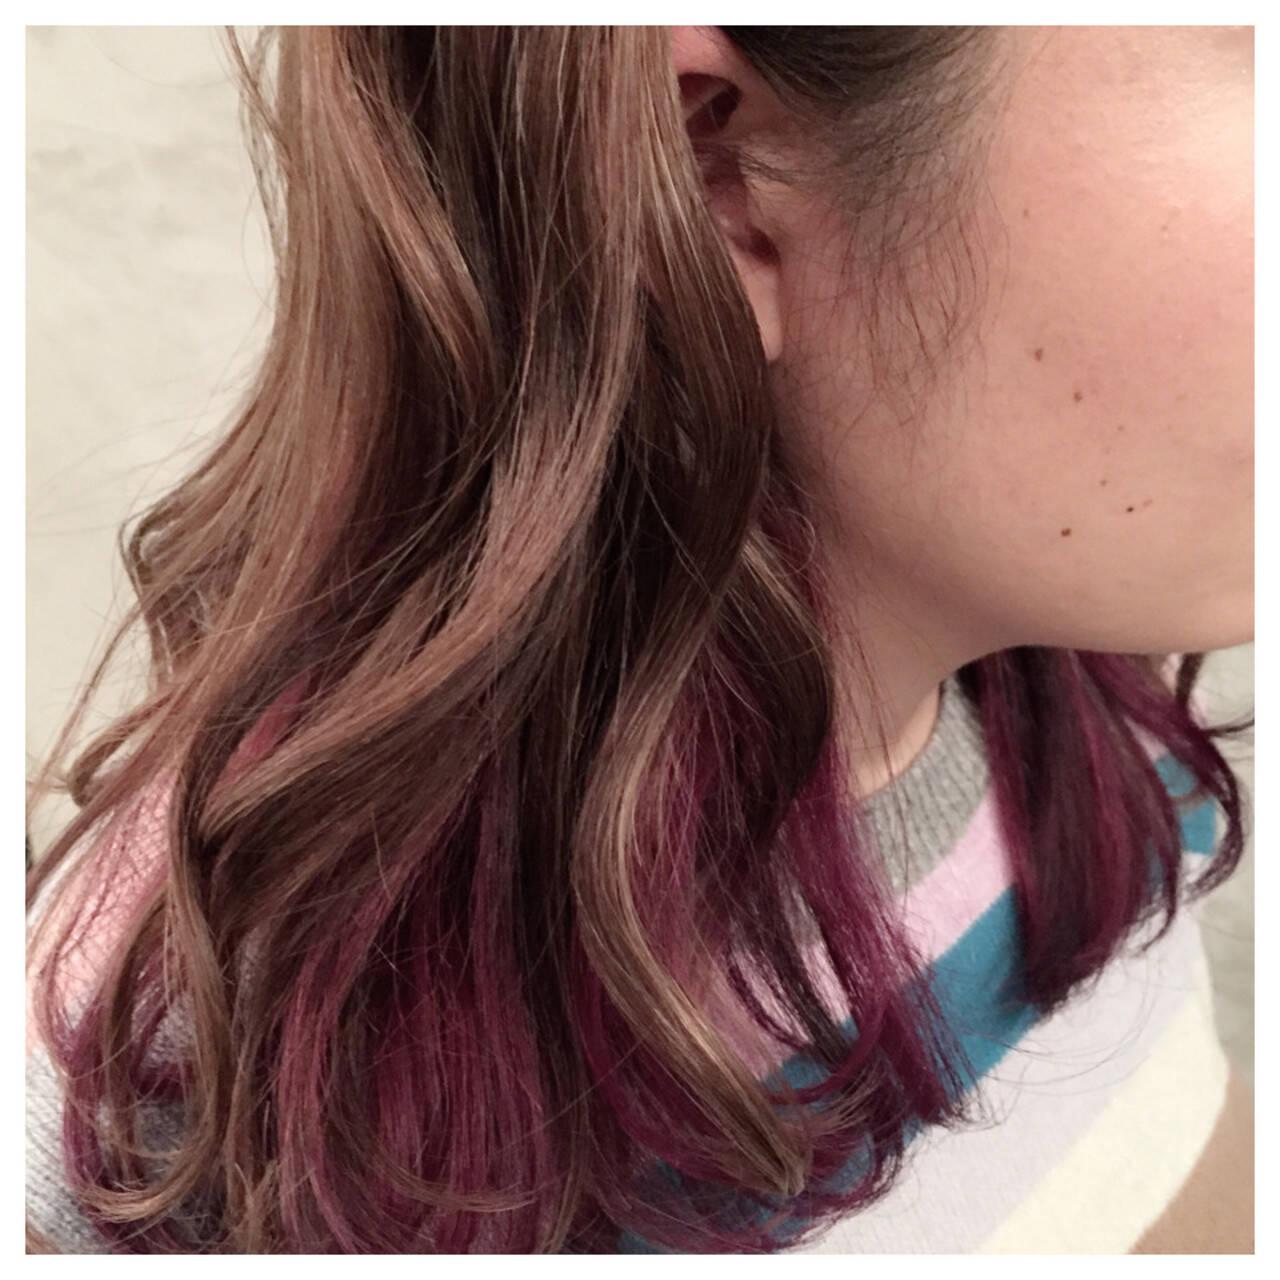 インナーカラー レッド ヘアマニキュア ハイライトヘアスタイルや髪型の写真・画像